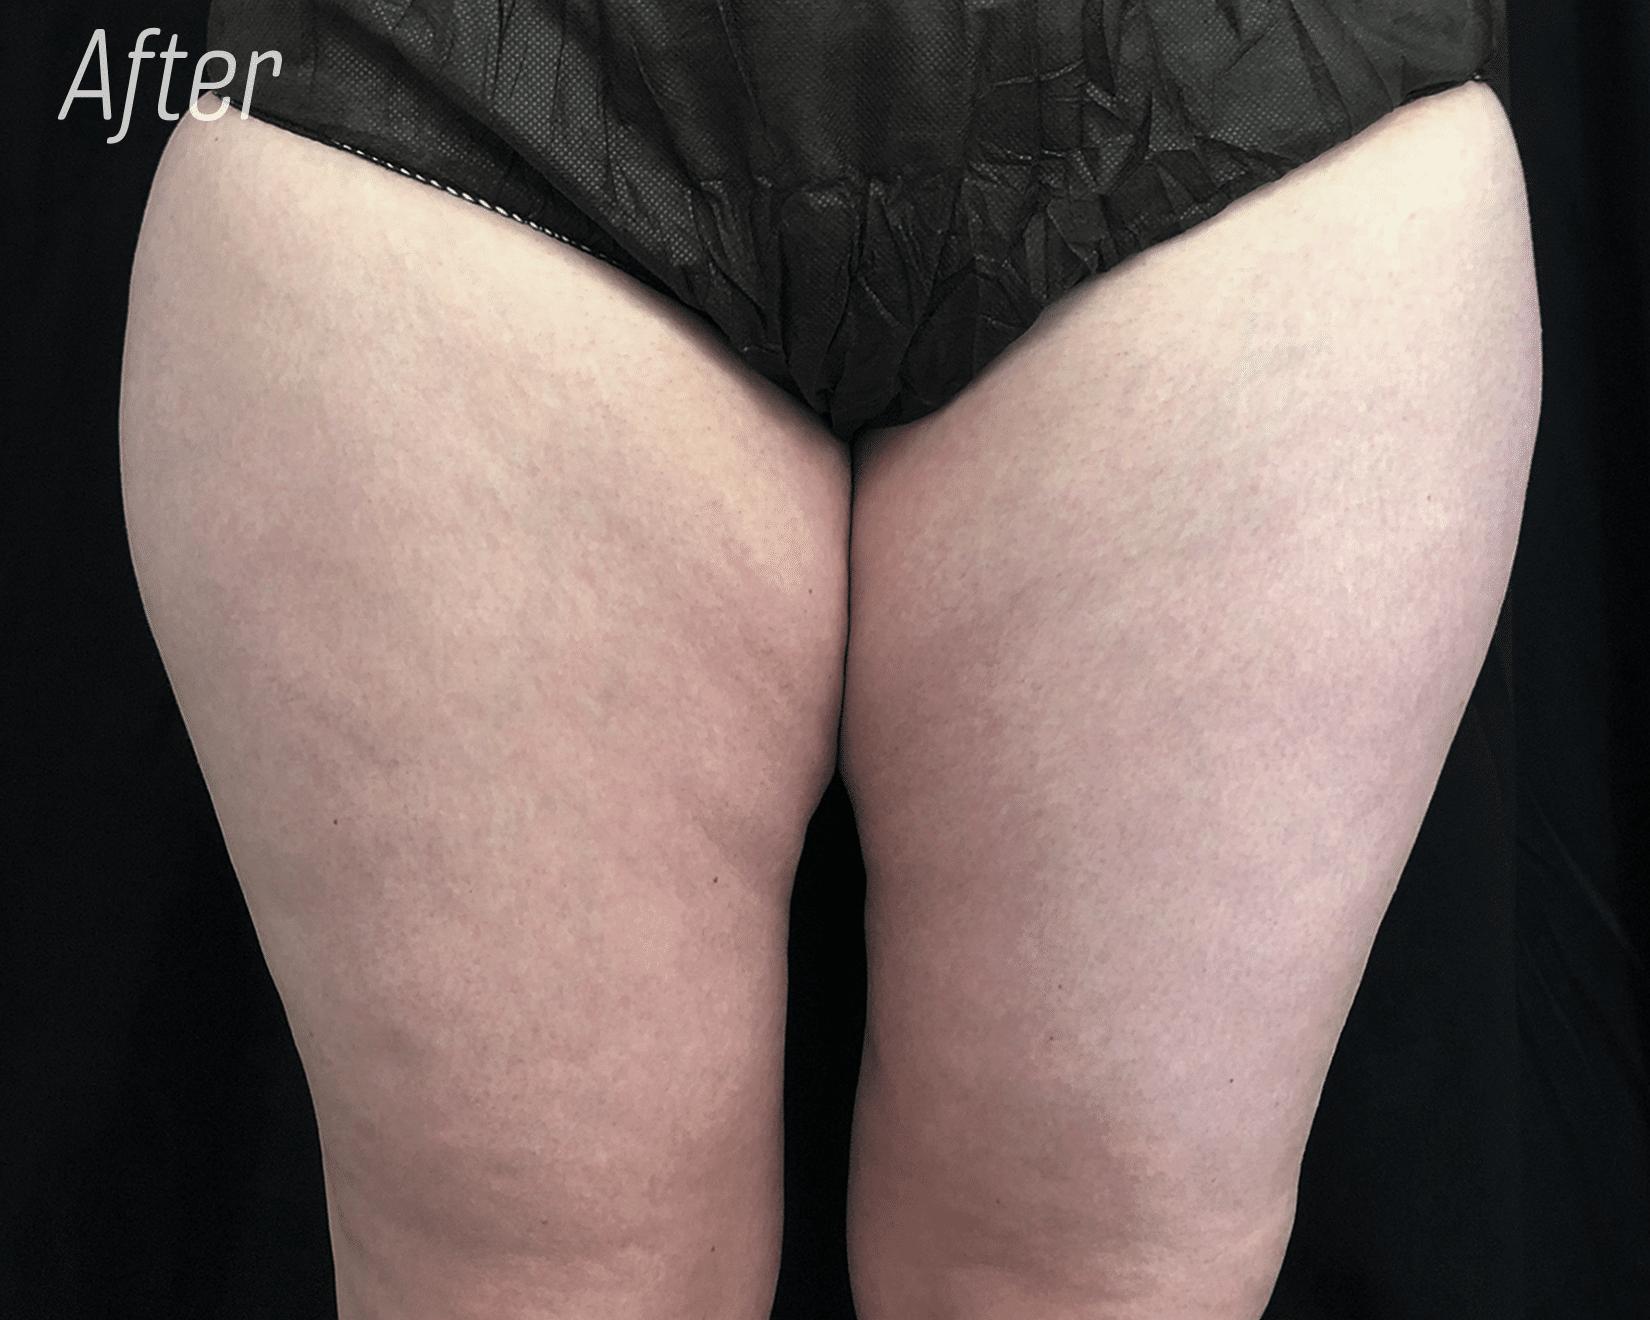 Legs trusculpt After